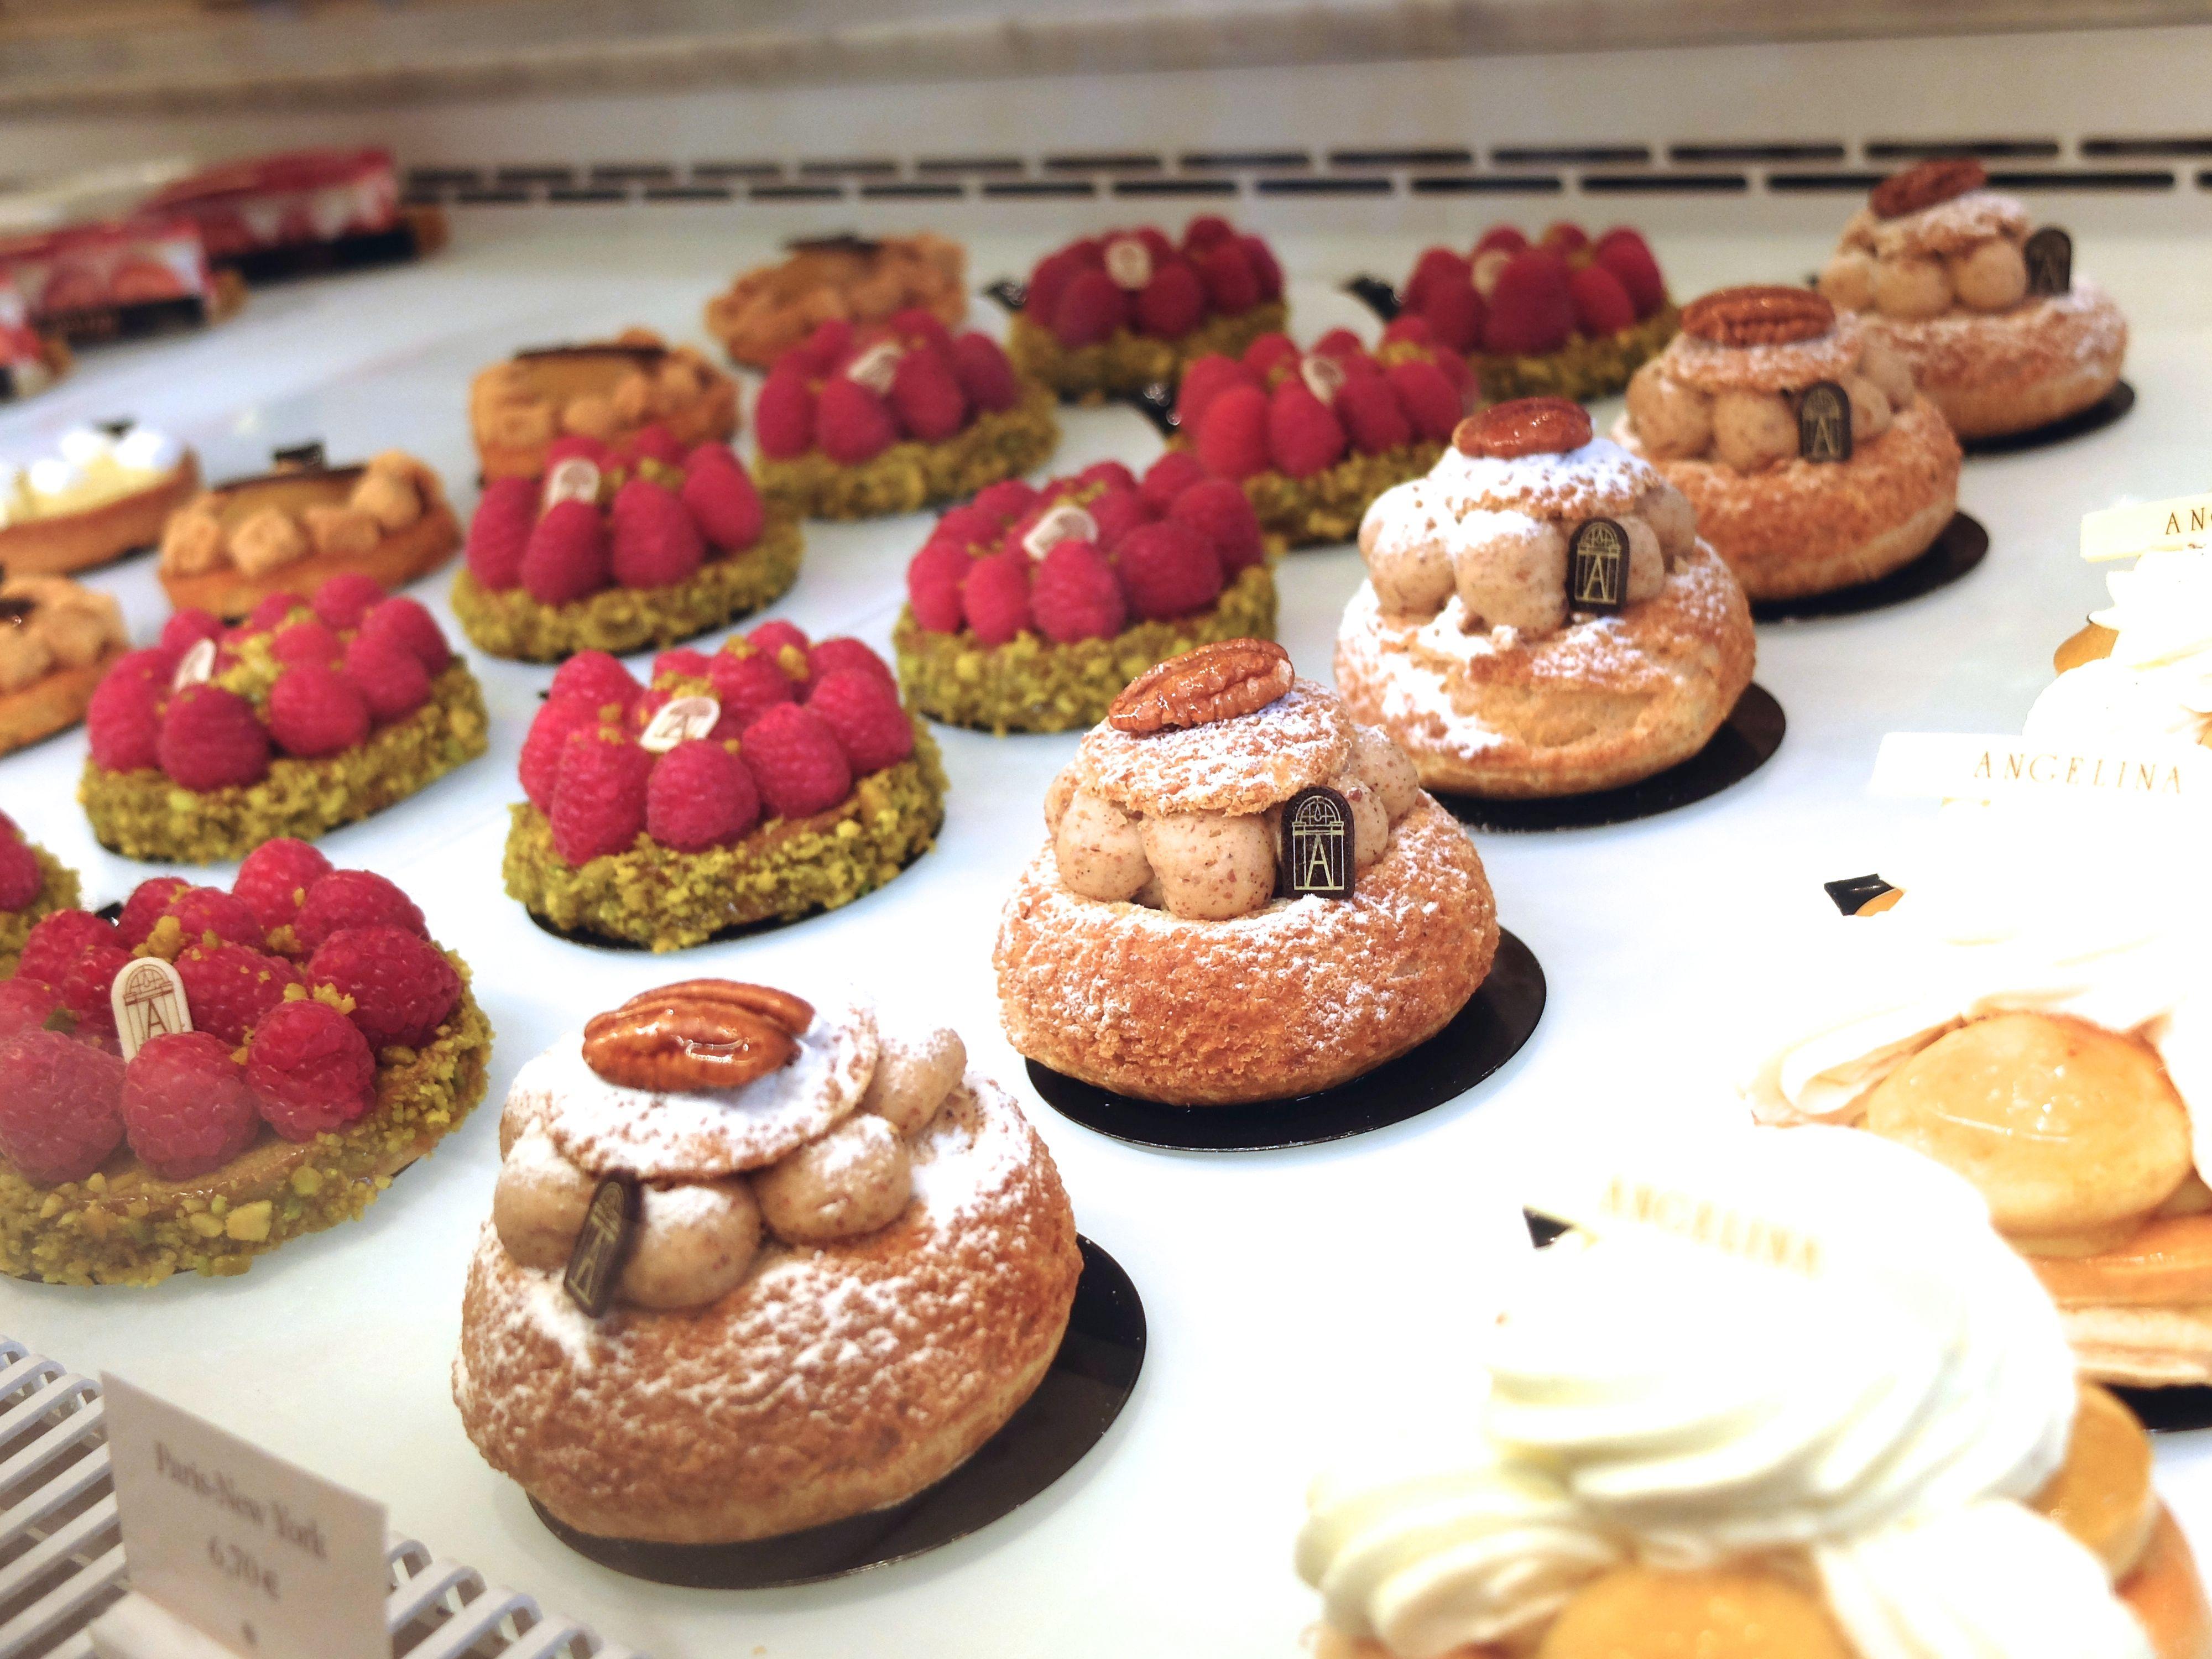 Angelinas Cafe Paris. Pastries pastries pastries! <3 <3